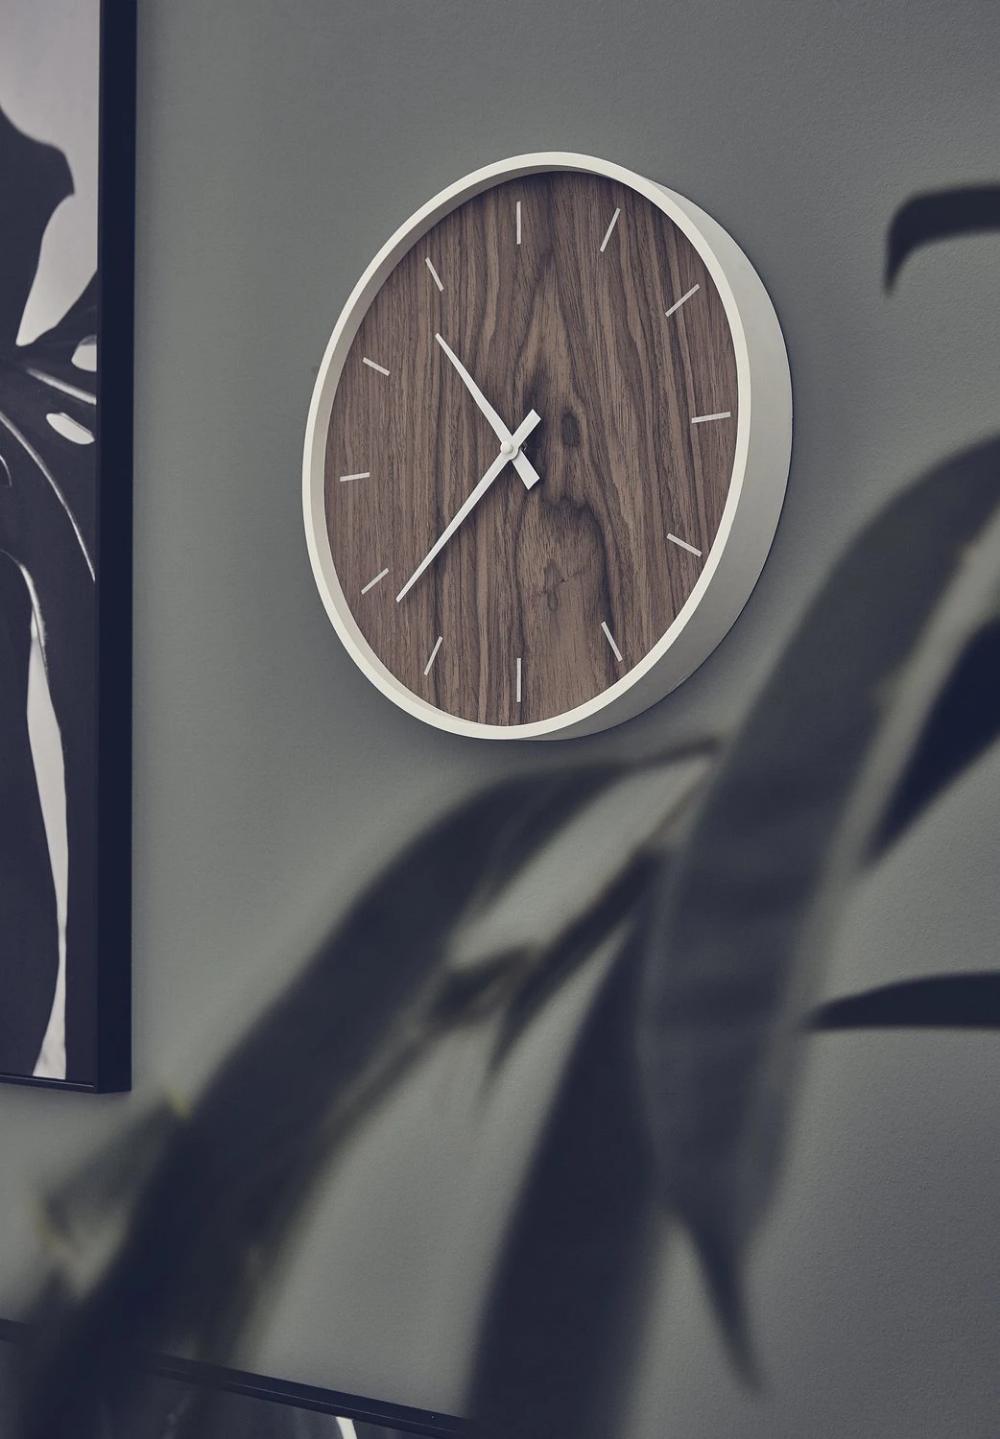 Une Horloge Bois Et Blanc Leroy Merlin Amenagement